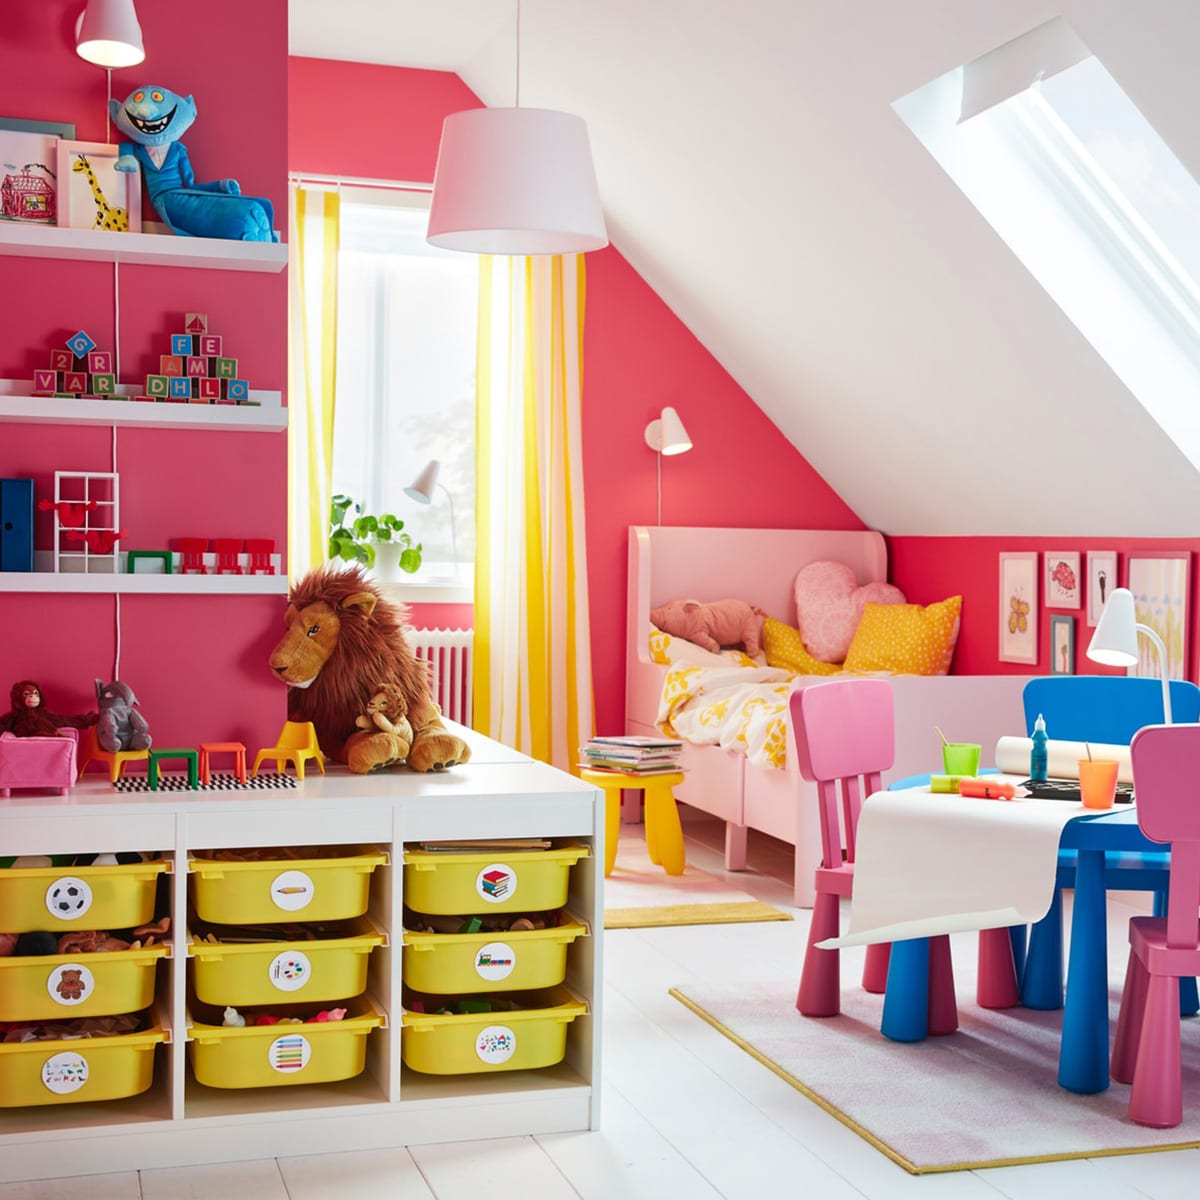 Den Spielzeug- und Bastelwust deiner Kinder kannst du wunderbar mit einer IKEA TROFAST Aufbewahrung mit Boxen weiss/gelb in unterschiedlichen Tiefen organisieren.